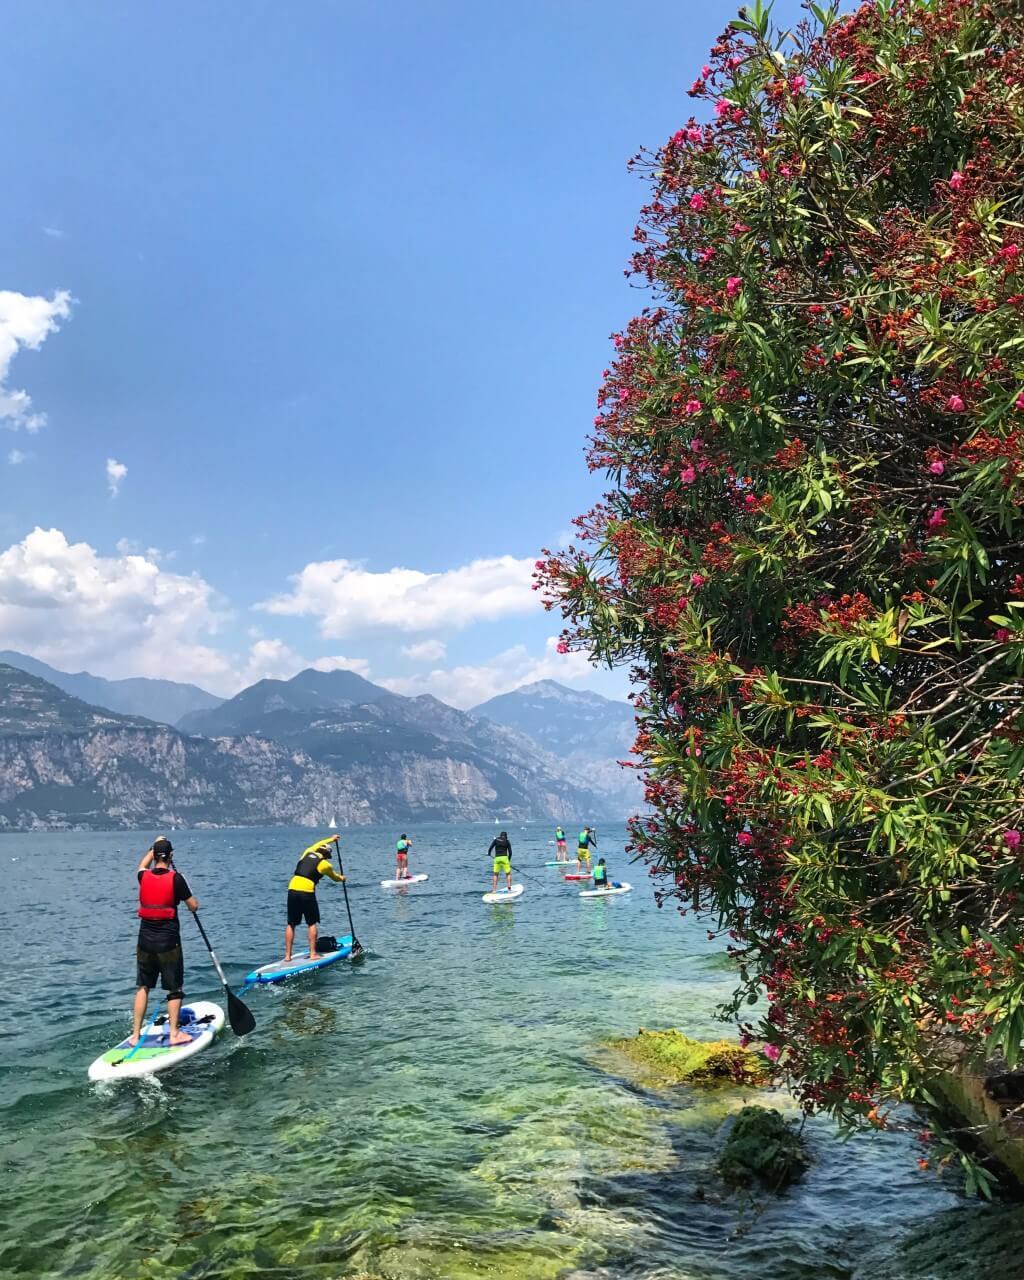 neonmars-zazi-super-leto-na-paddleboarde-5-must-have-zazitkov-lago-di-garda-3